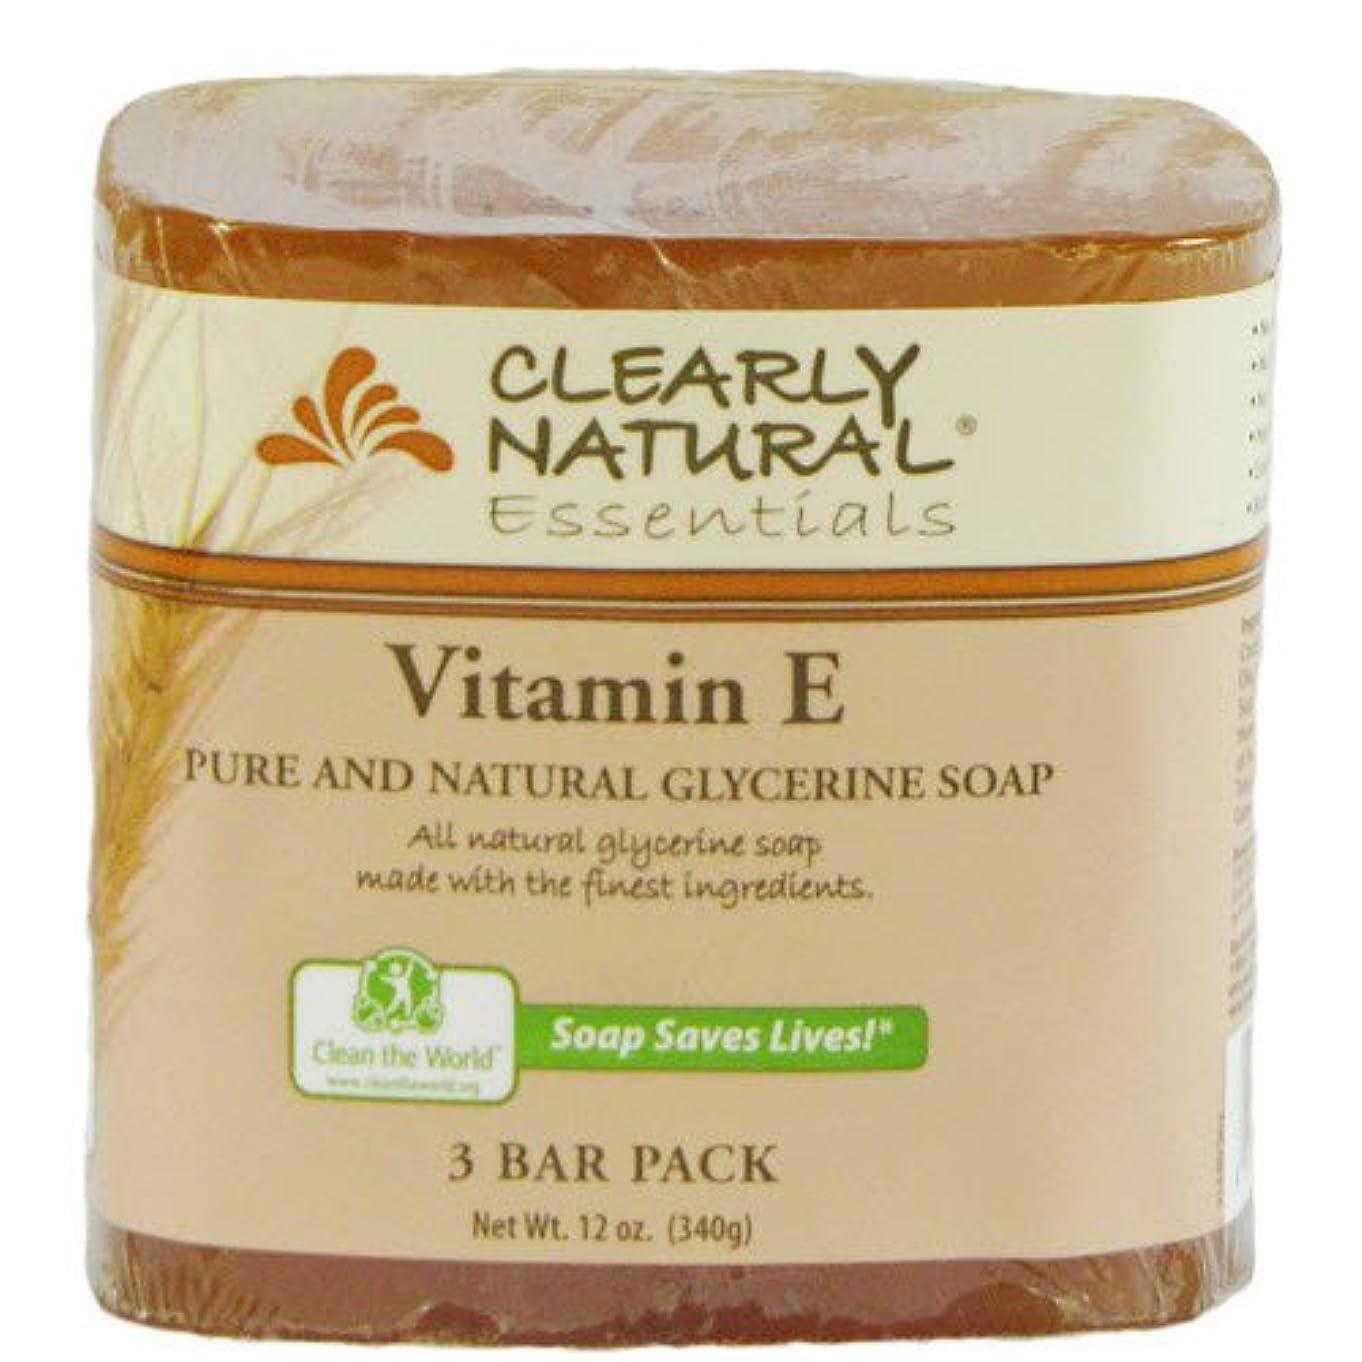 経験者理論的終点Clearly Natural, Pure and Natural Glycerine Soap, Vitamin E, 3 Bar Pack, 4 oz Each